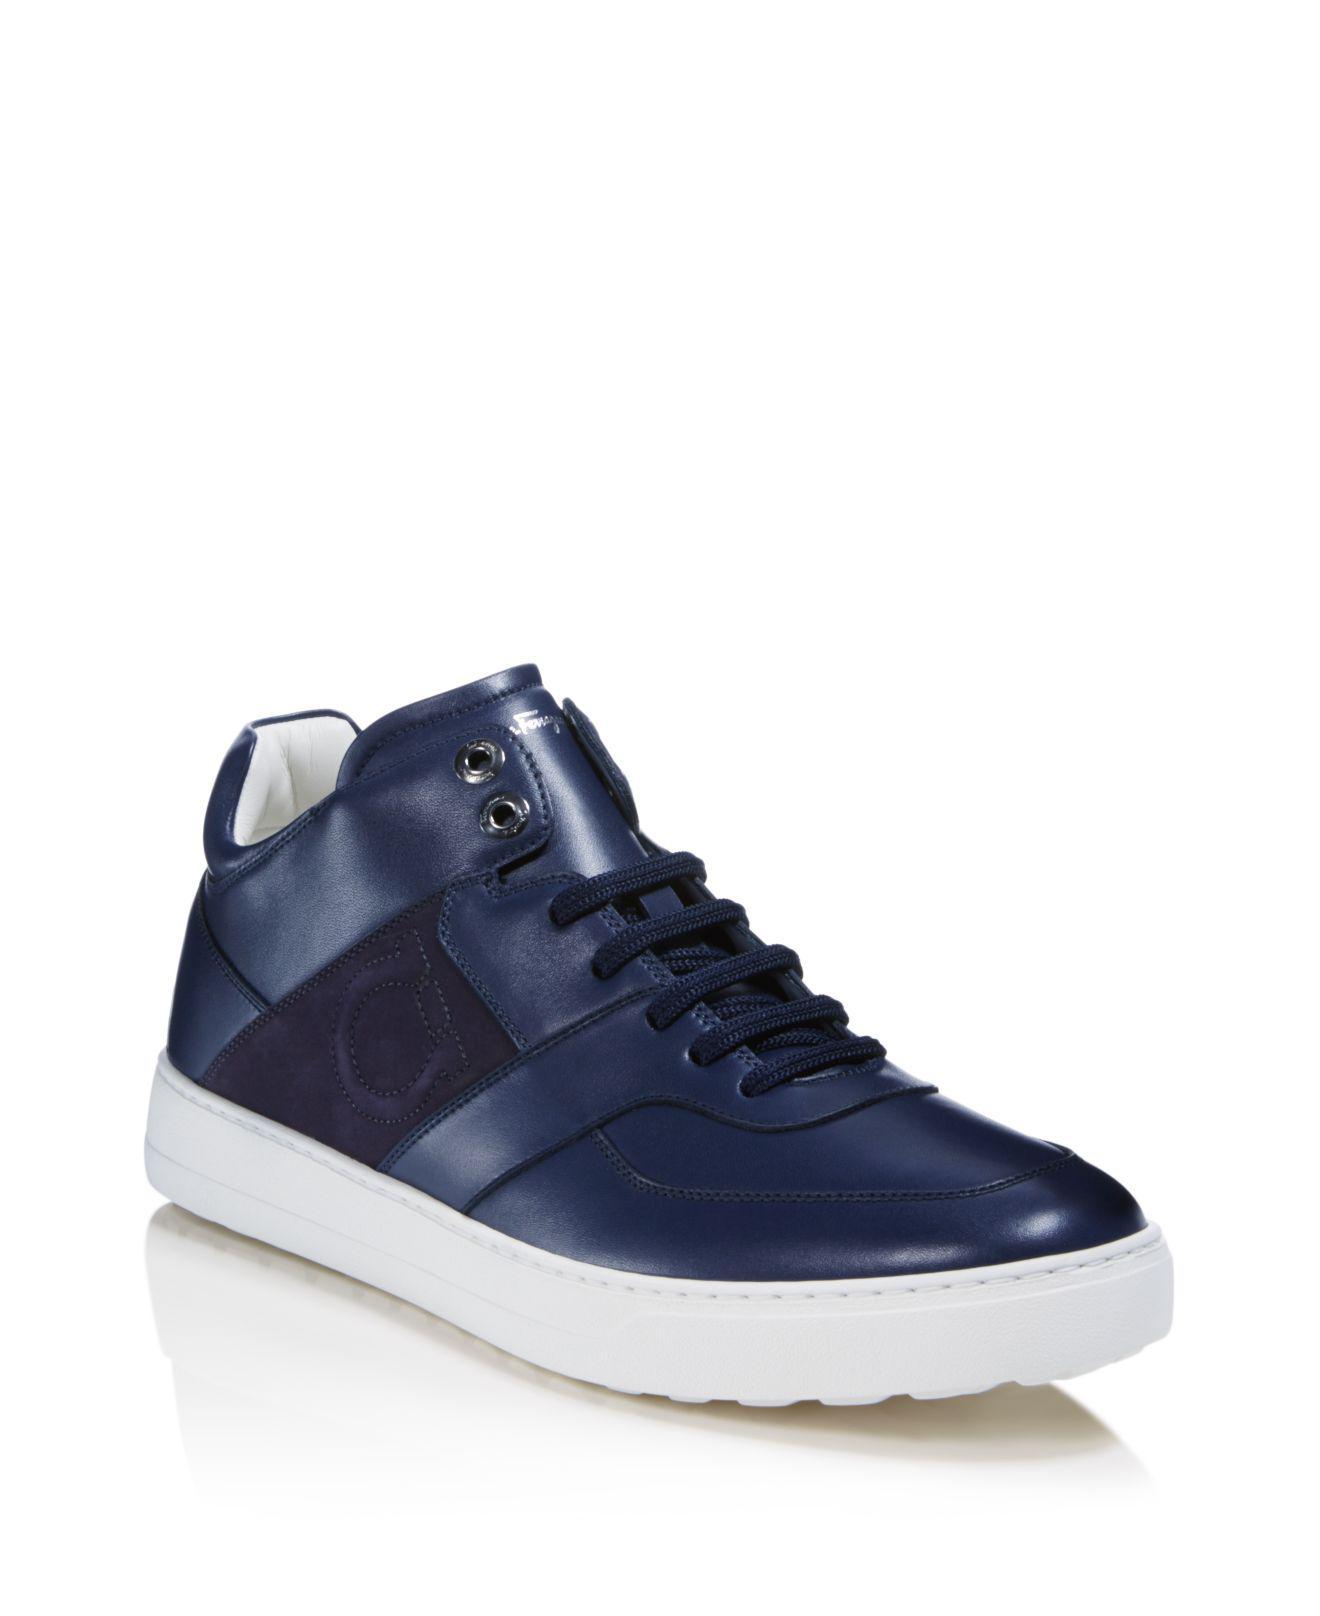 Mens Ferragamo Shoes Bloomingdales